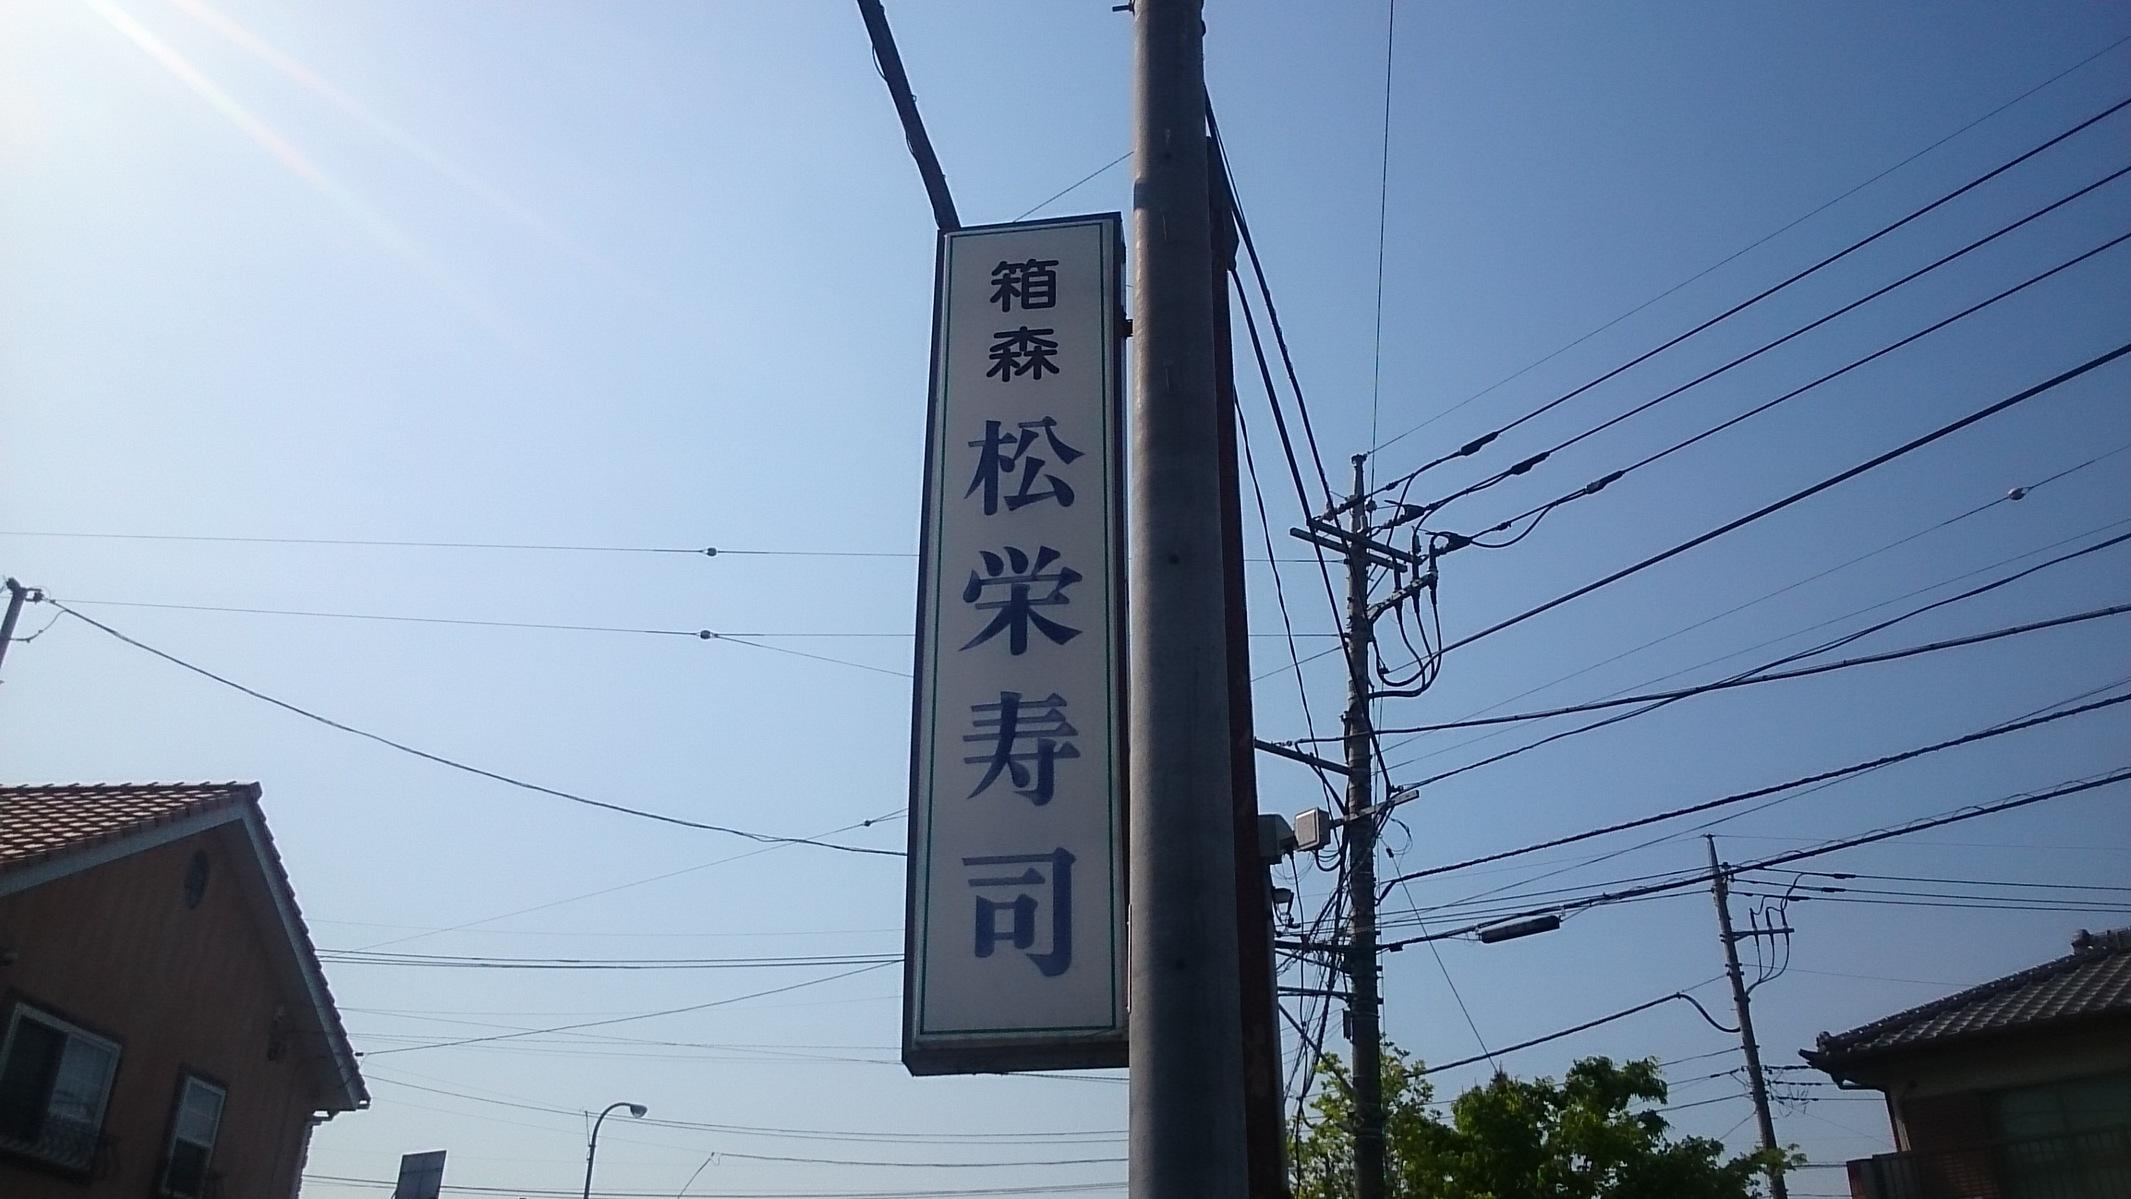 箱森松栄寿司店 name=